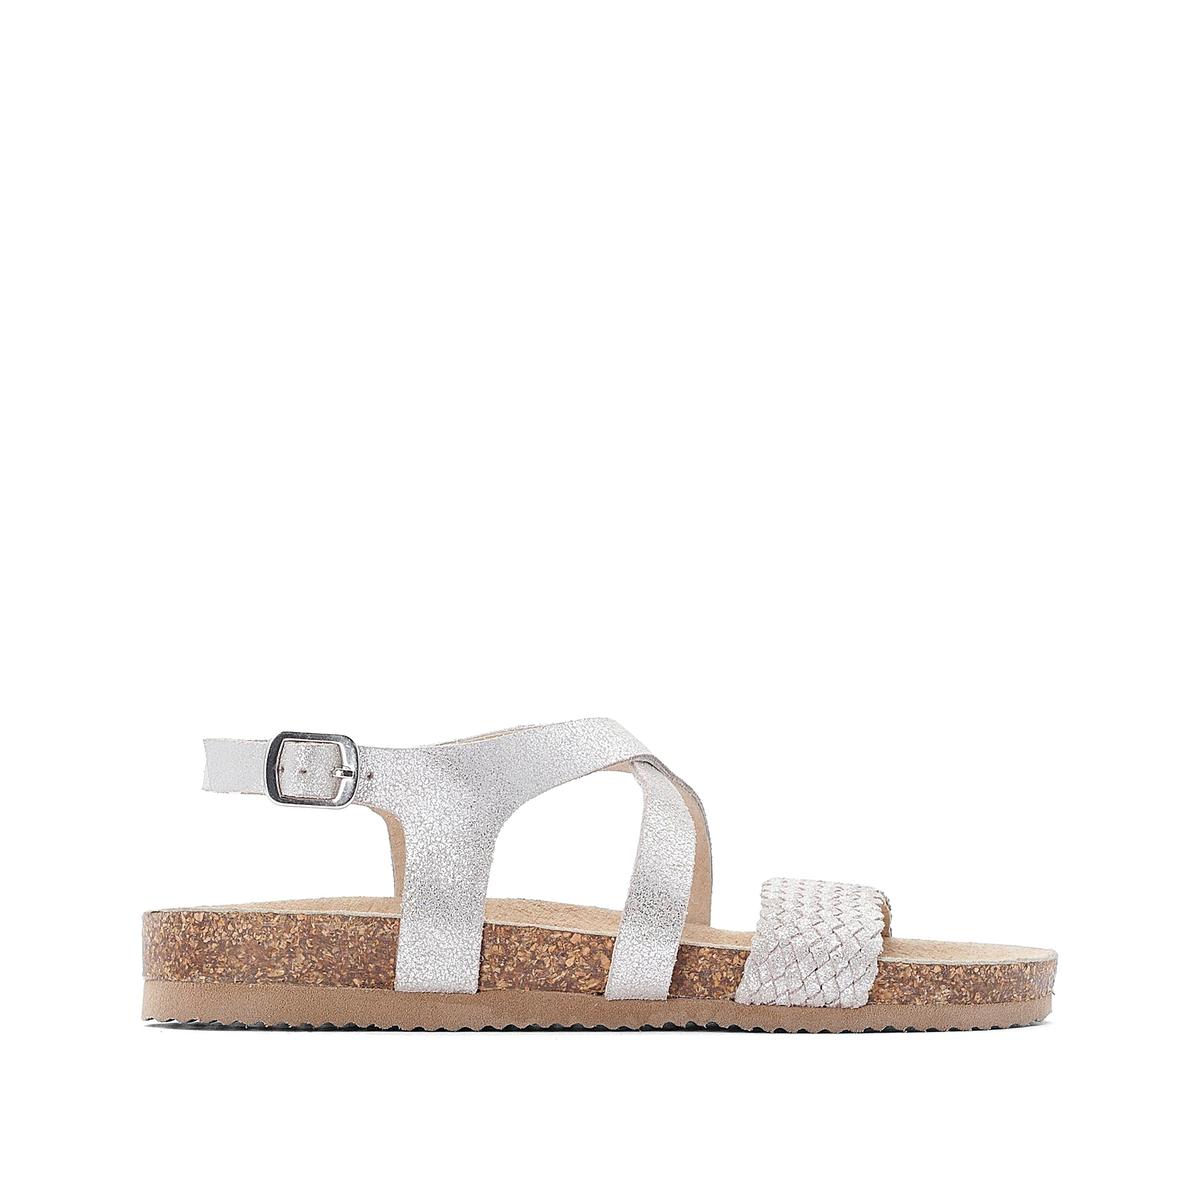 цена на Босоножки La Redoute Кожаные на плоском каблуке 36 серебристый